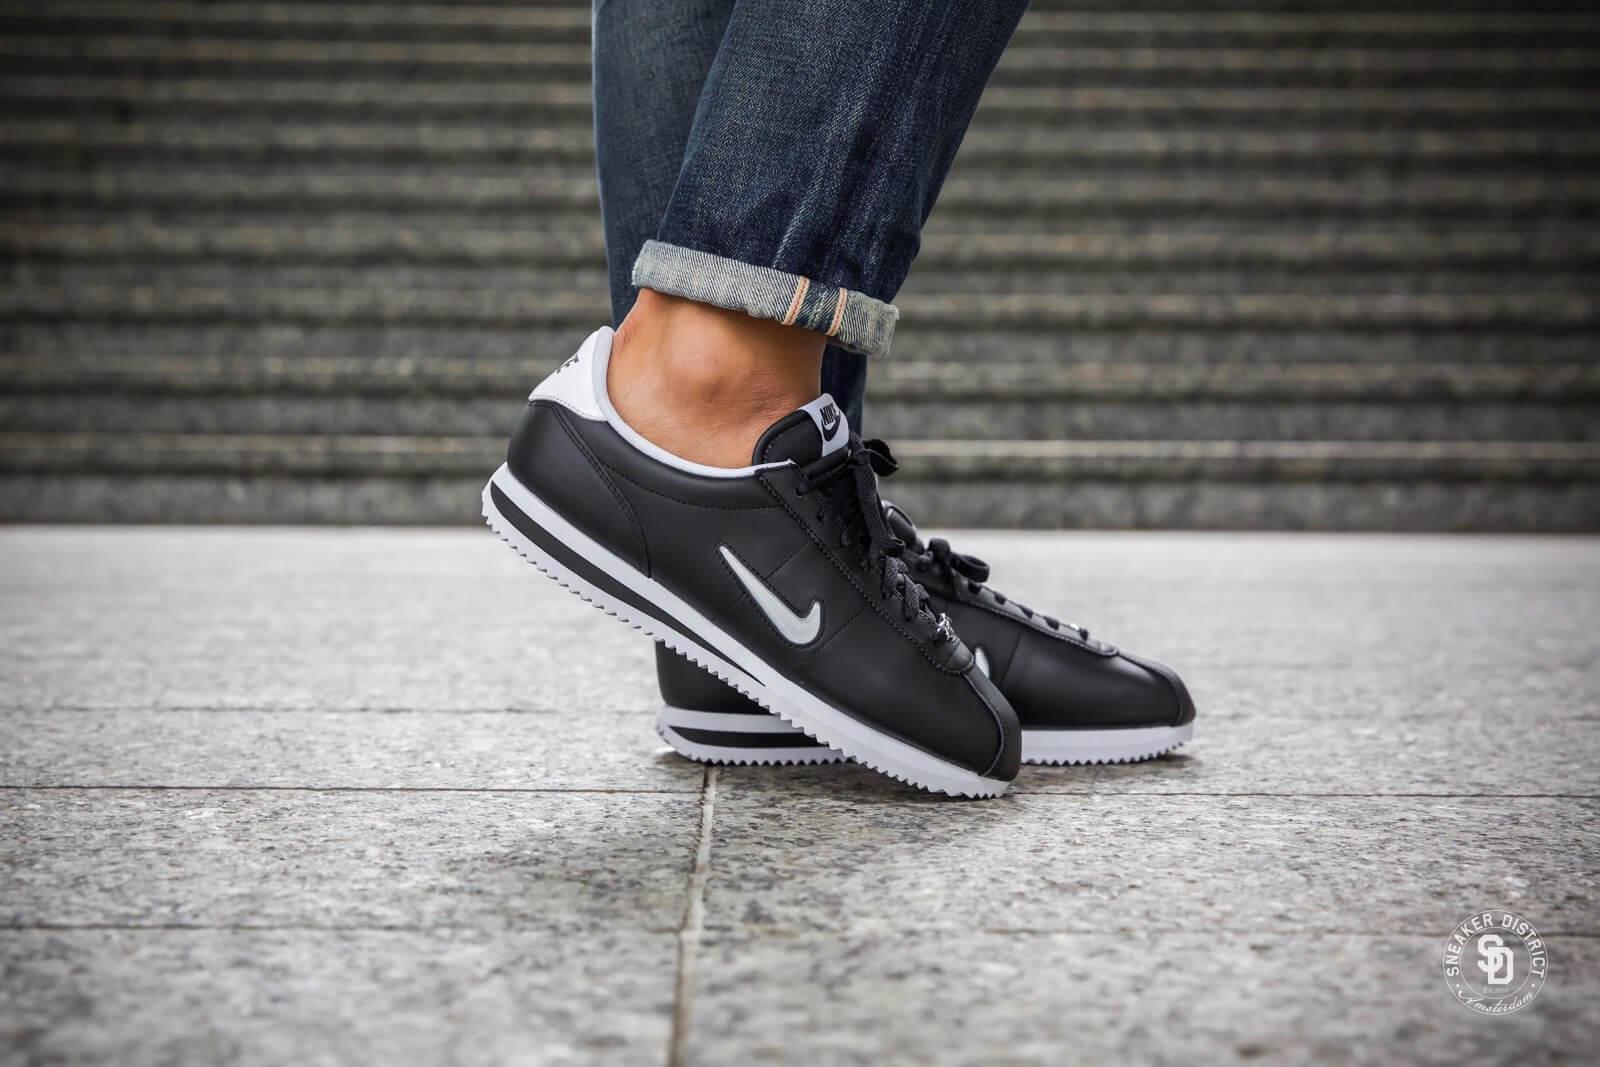 Nike Cortez Basic Jewel BlackWhite 833238 002